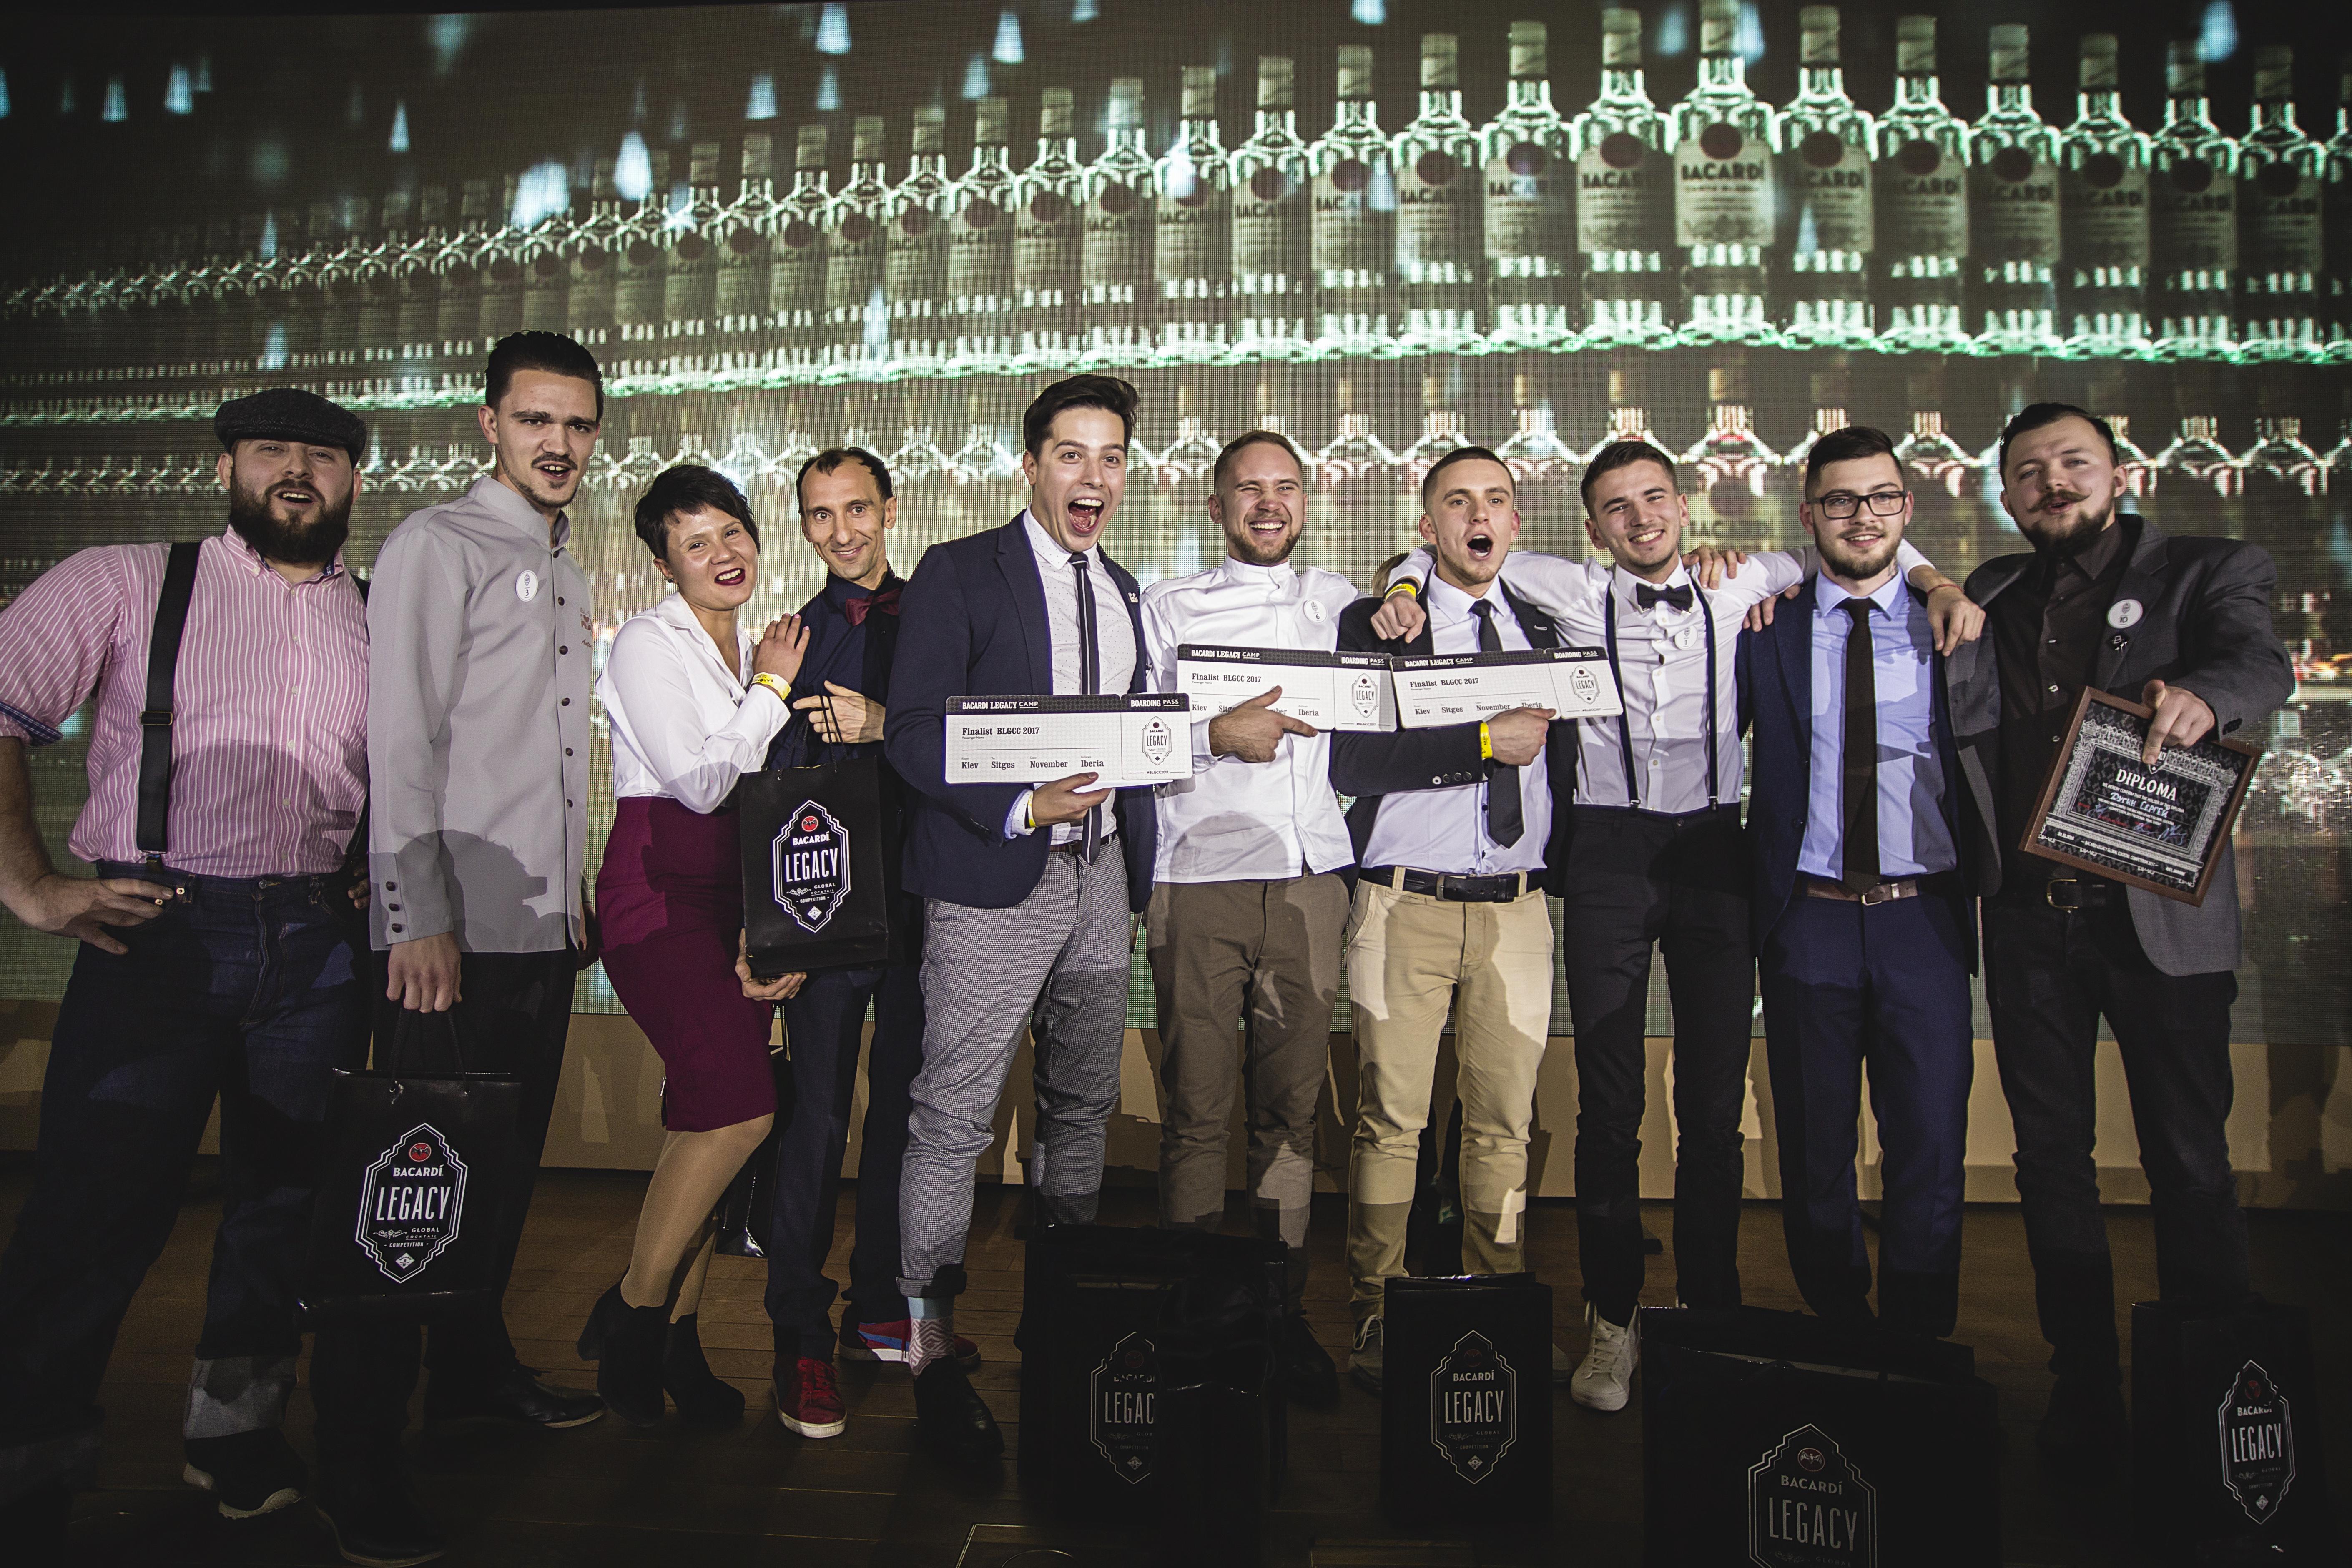 Стали известны имена победителей конкурса BACARDI Legacy Global Cocktail Competition Ukraine 2017